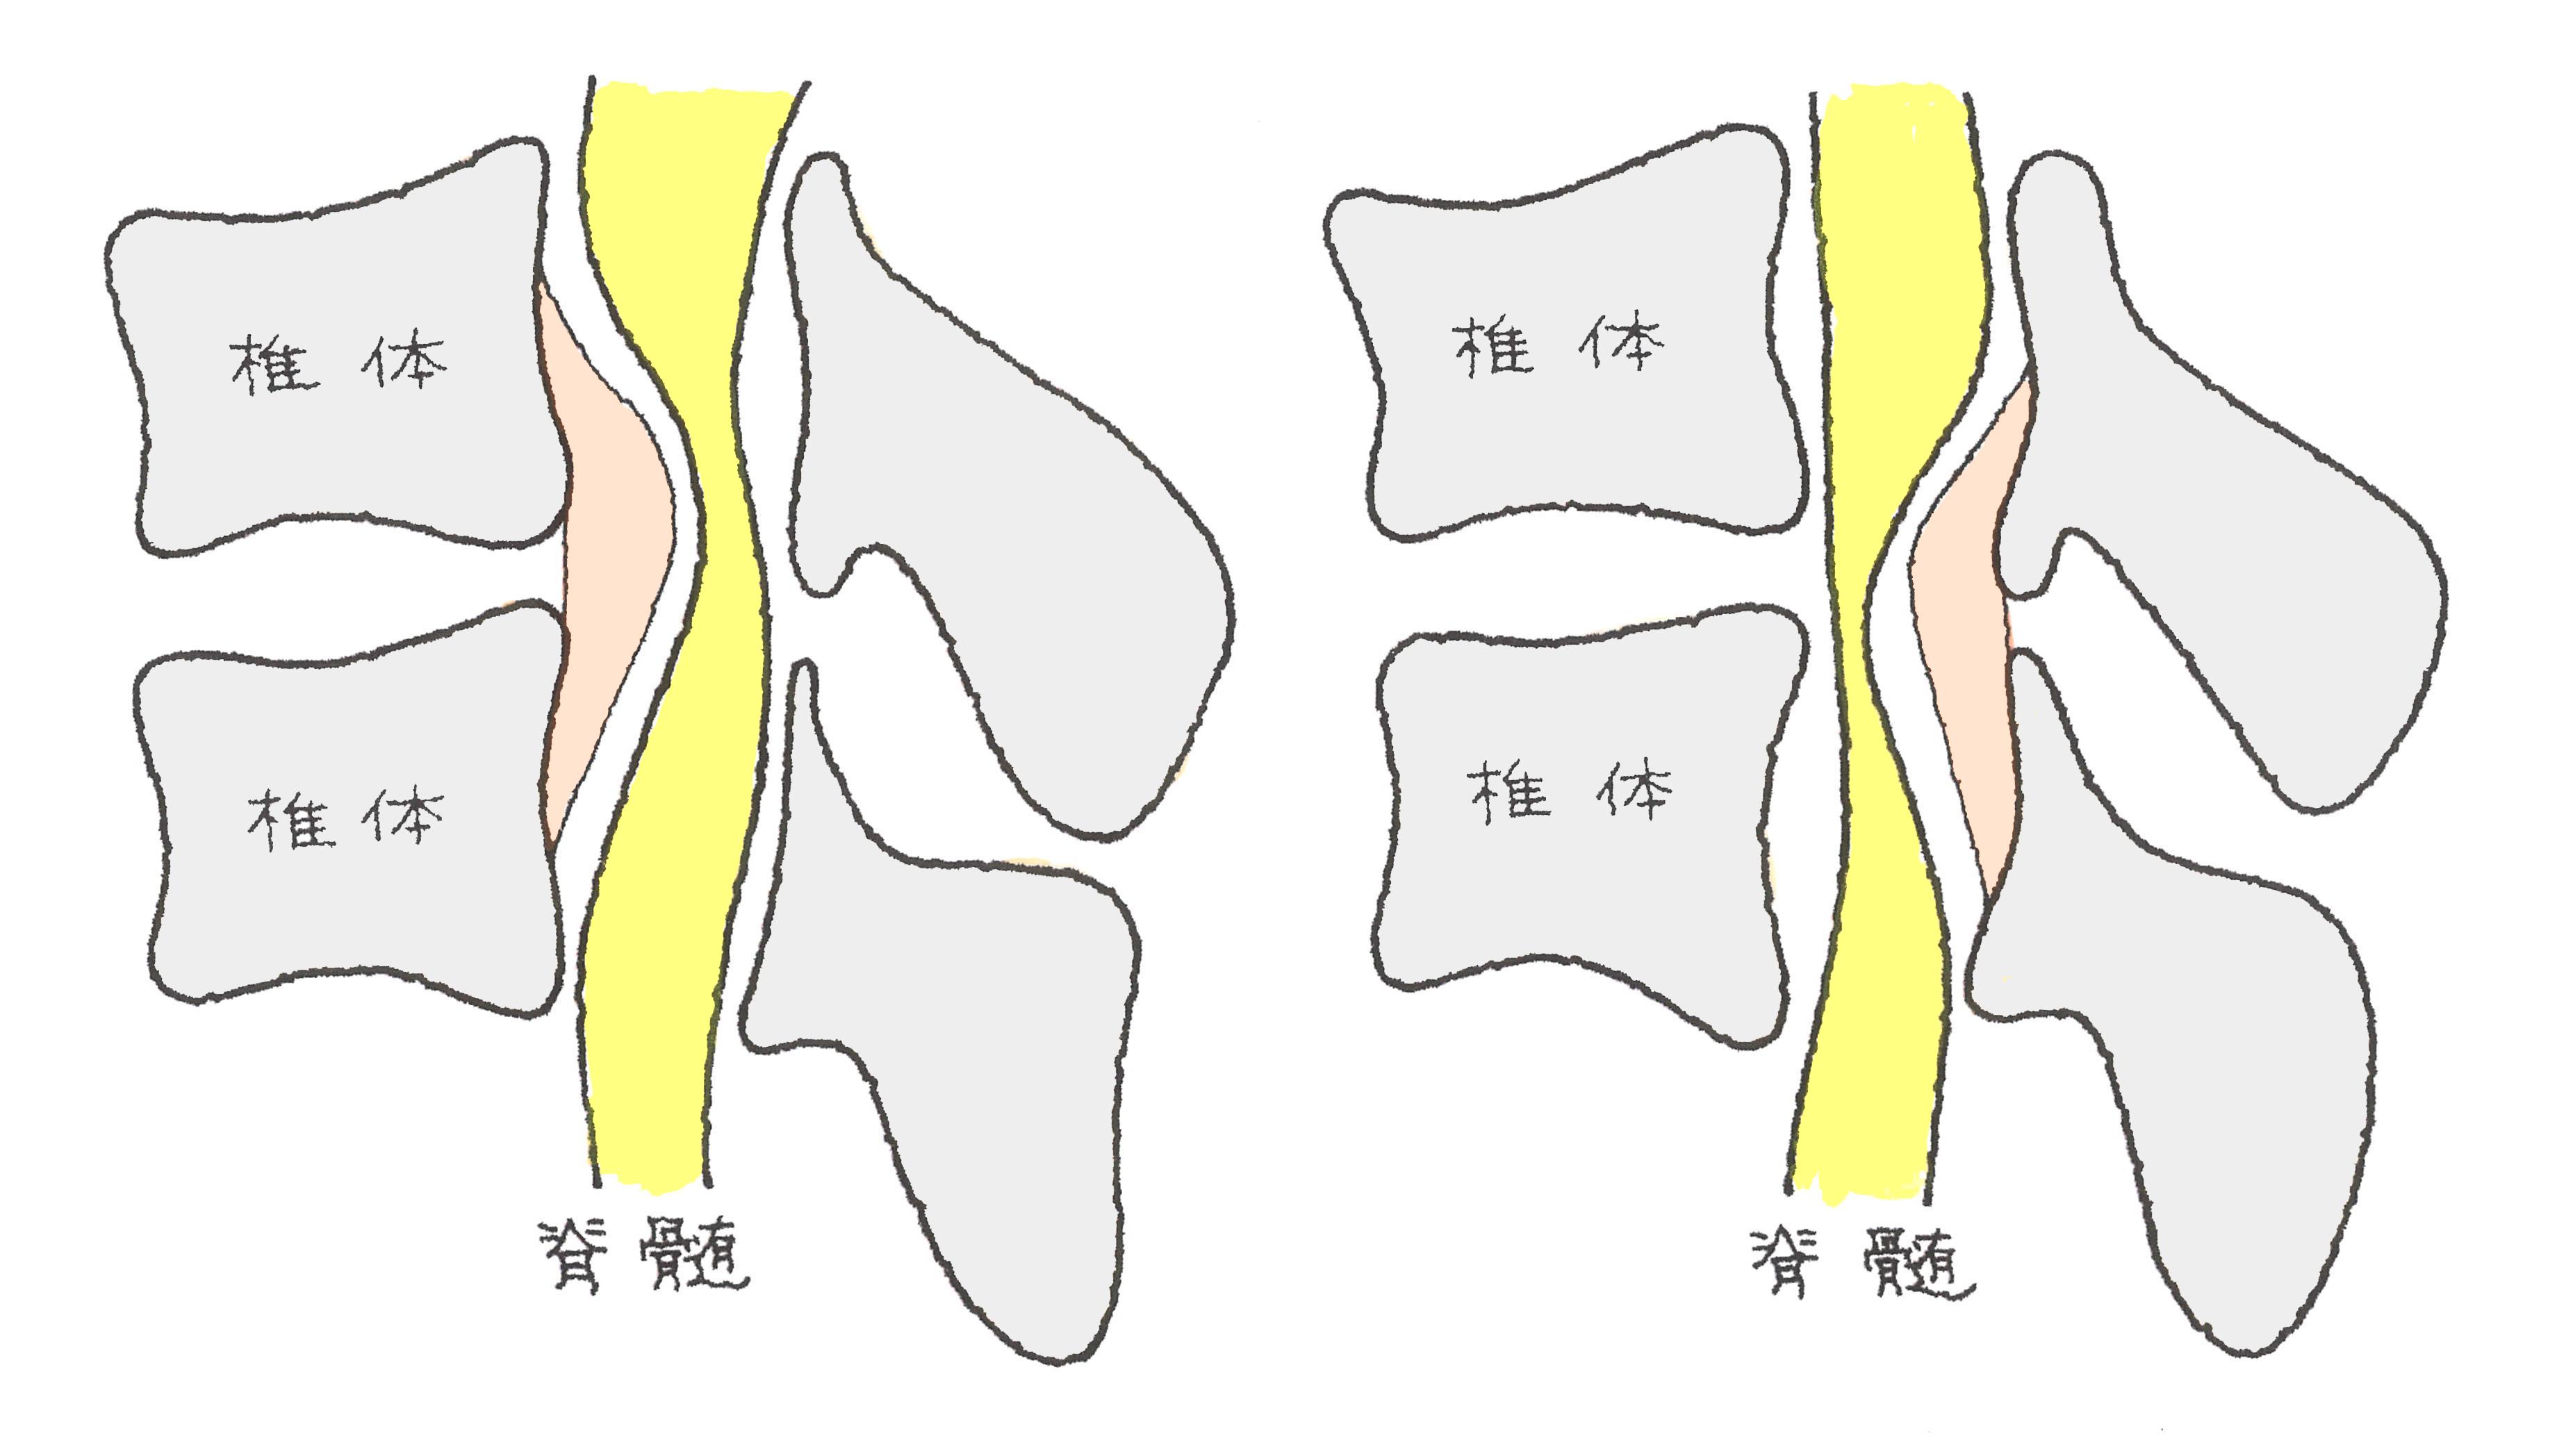 骨 化 症 十字 靭帯 後